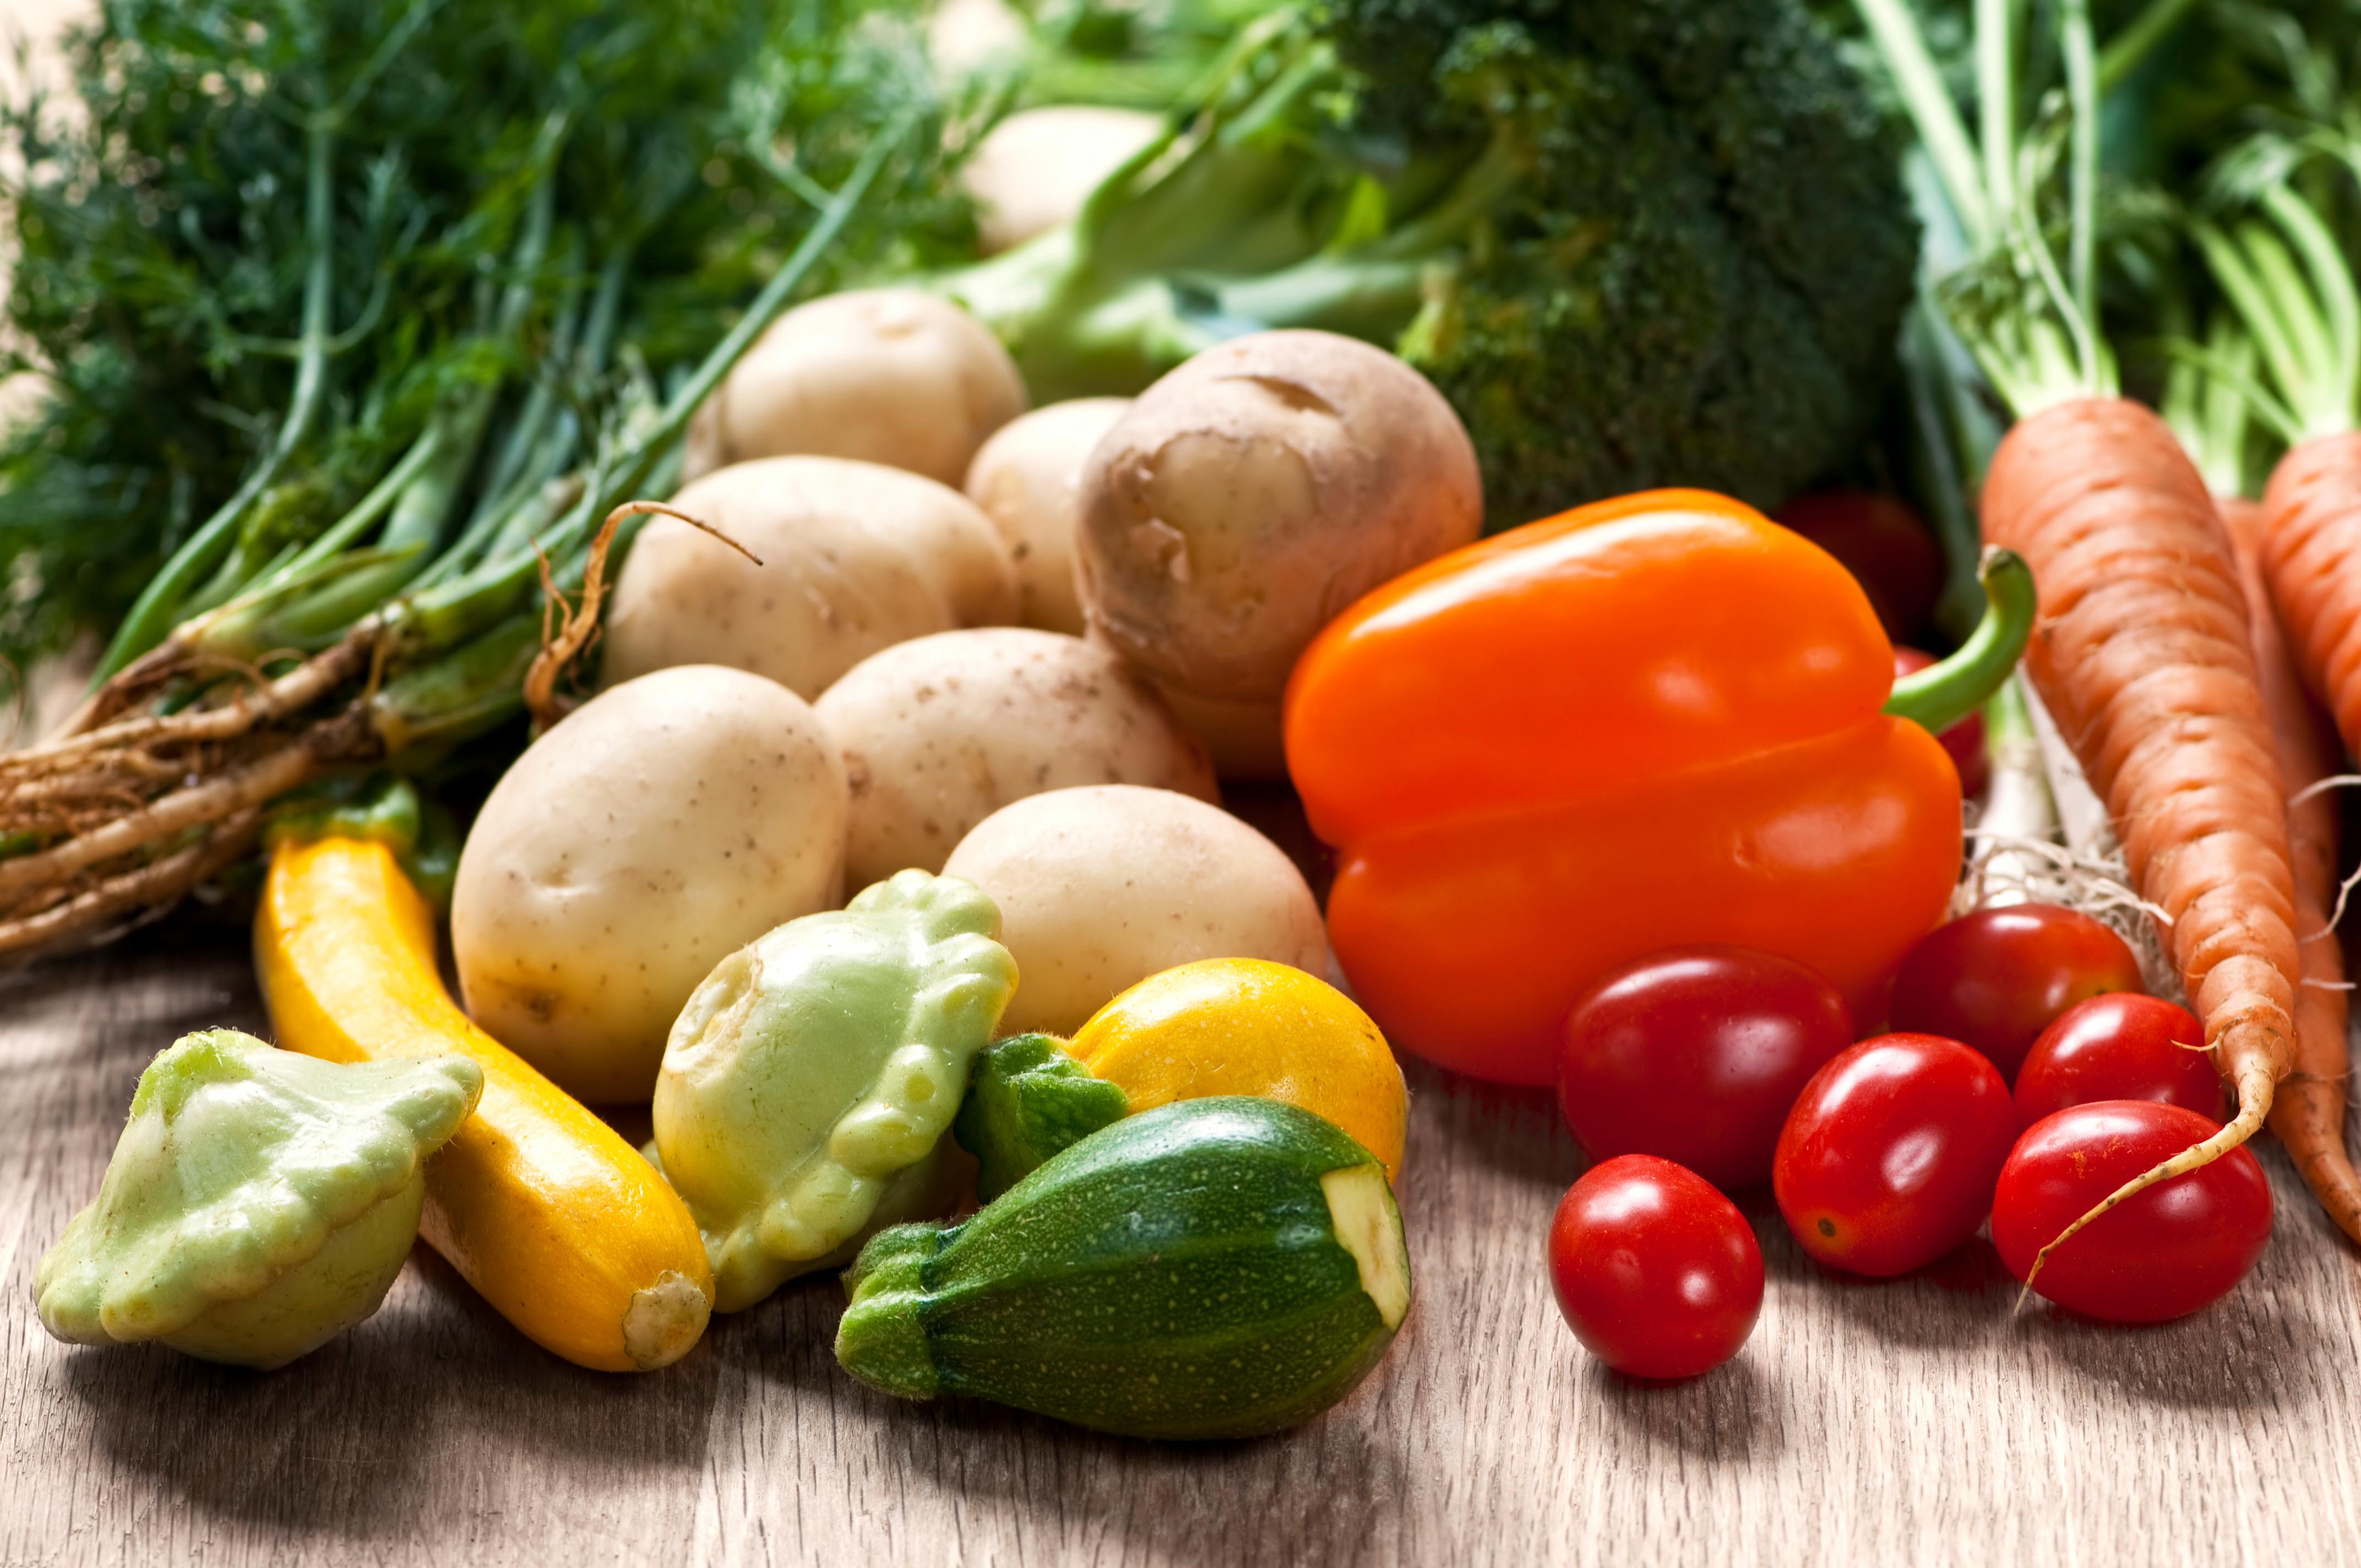 Odla för hållbarhet -Grönsaker